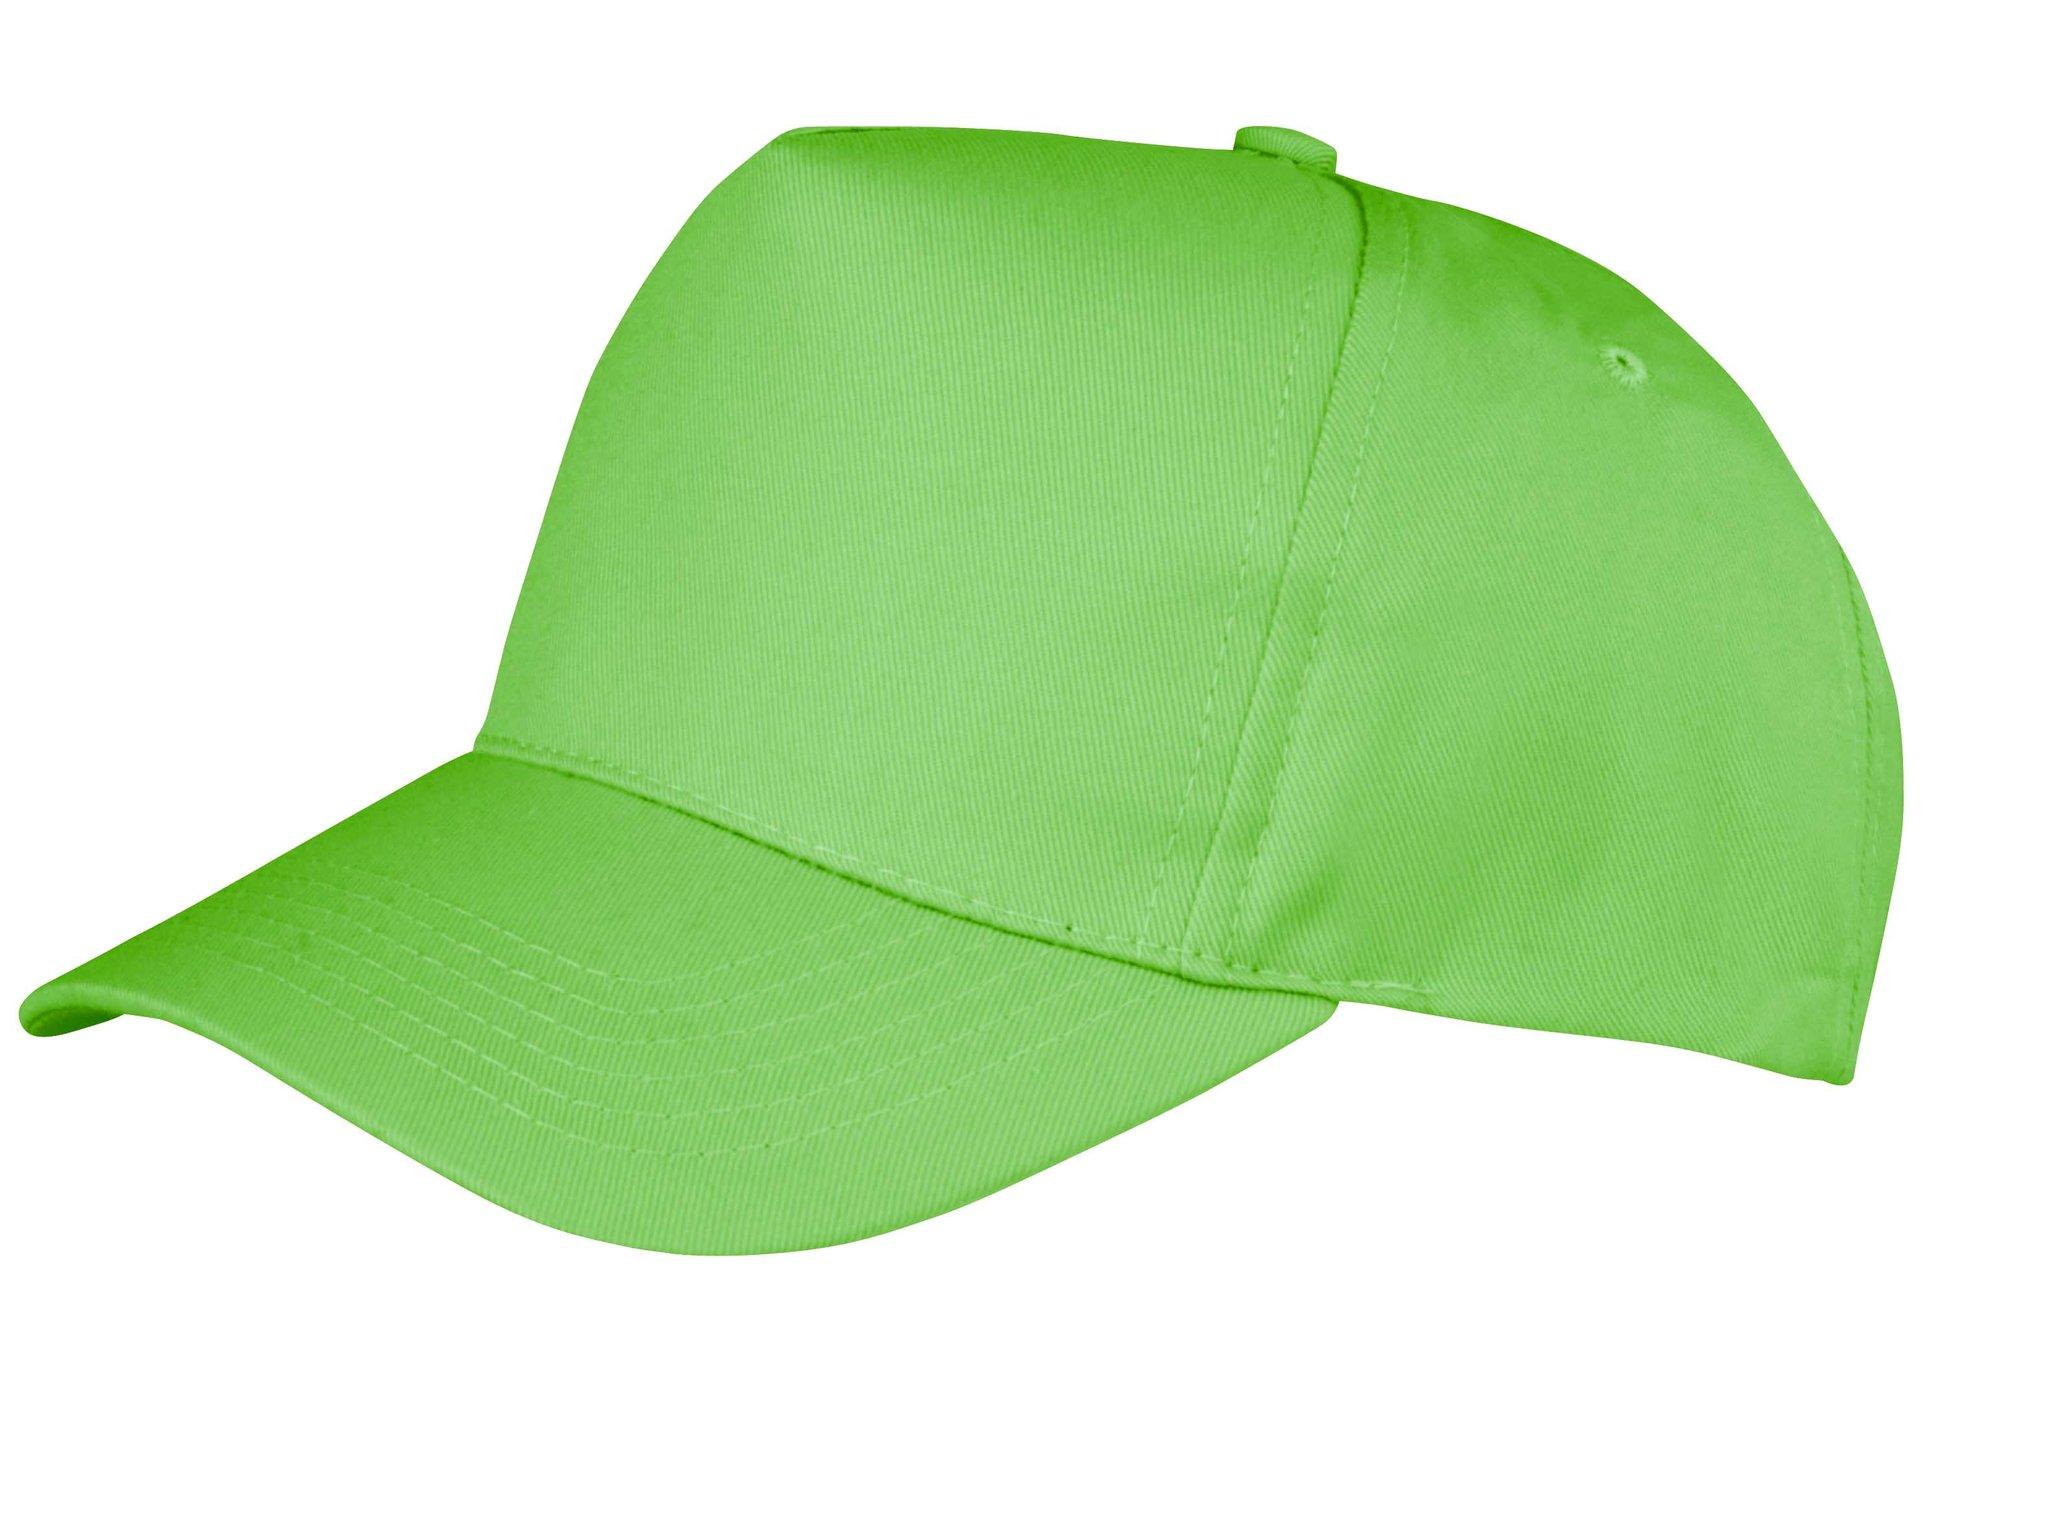 Casquette publicitaire Boston - casquette personnalisable